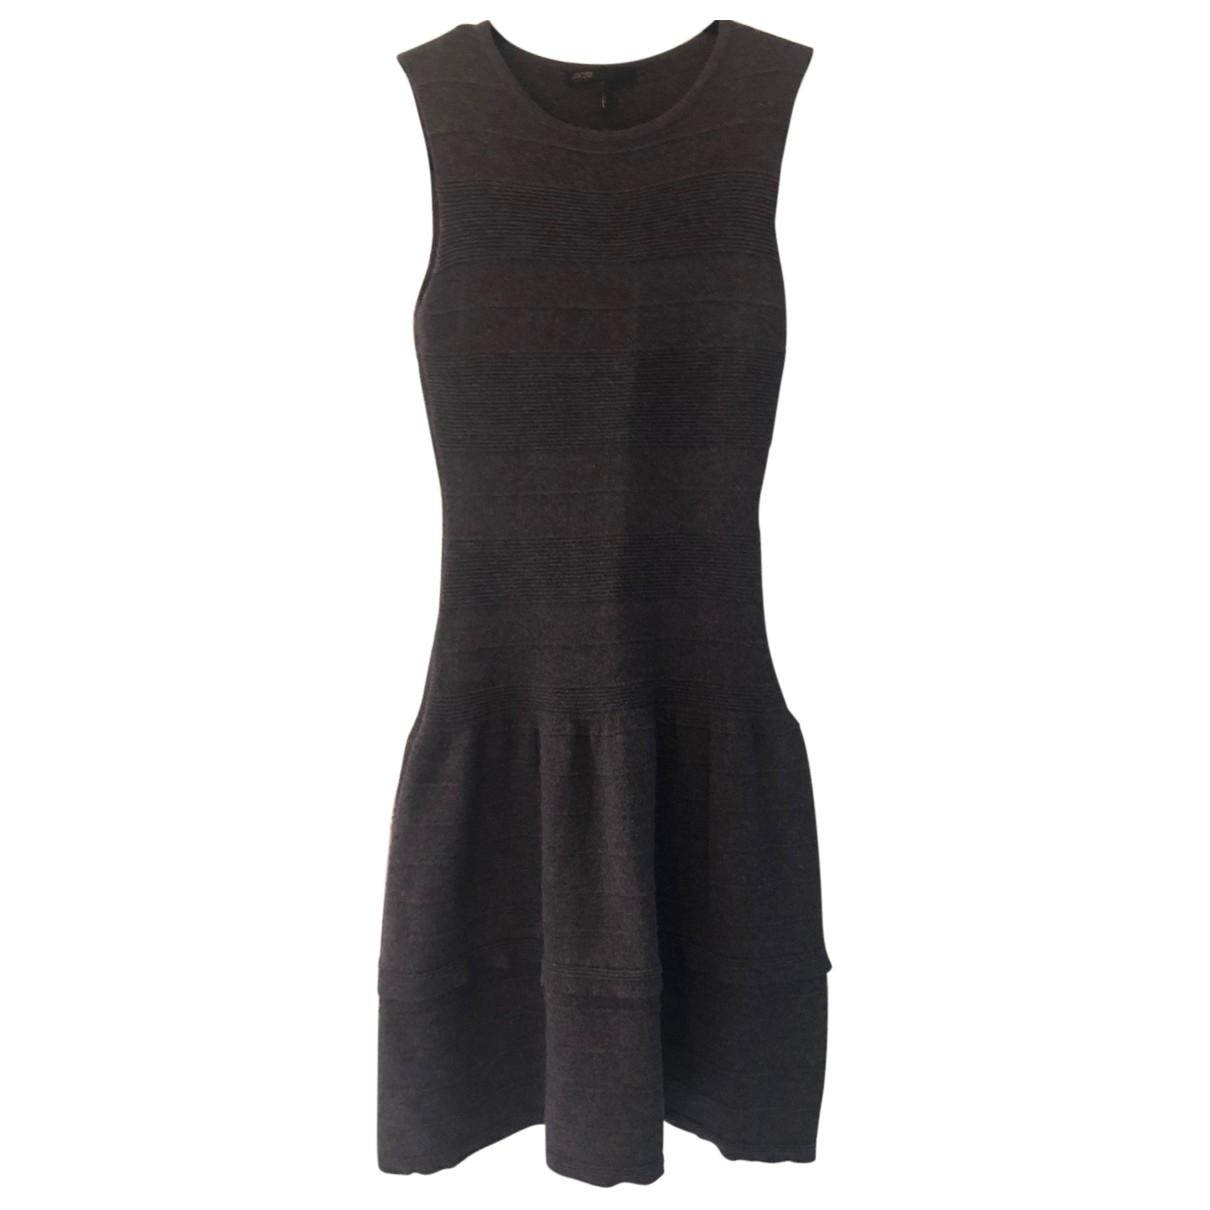 Maje \N Kleid in  Grau Wolle